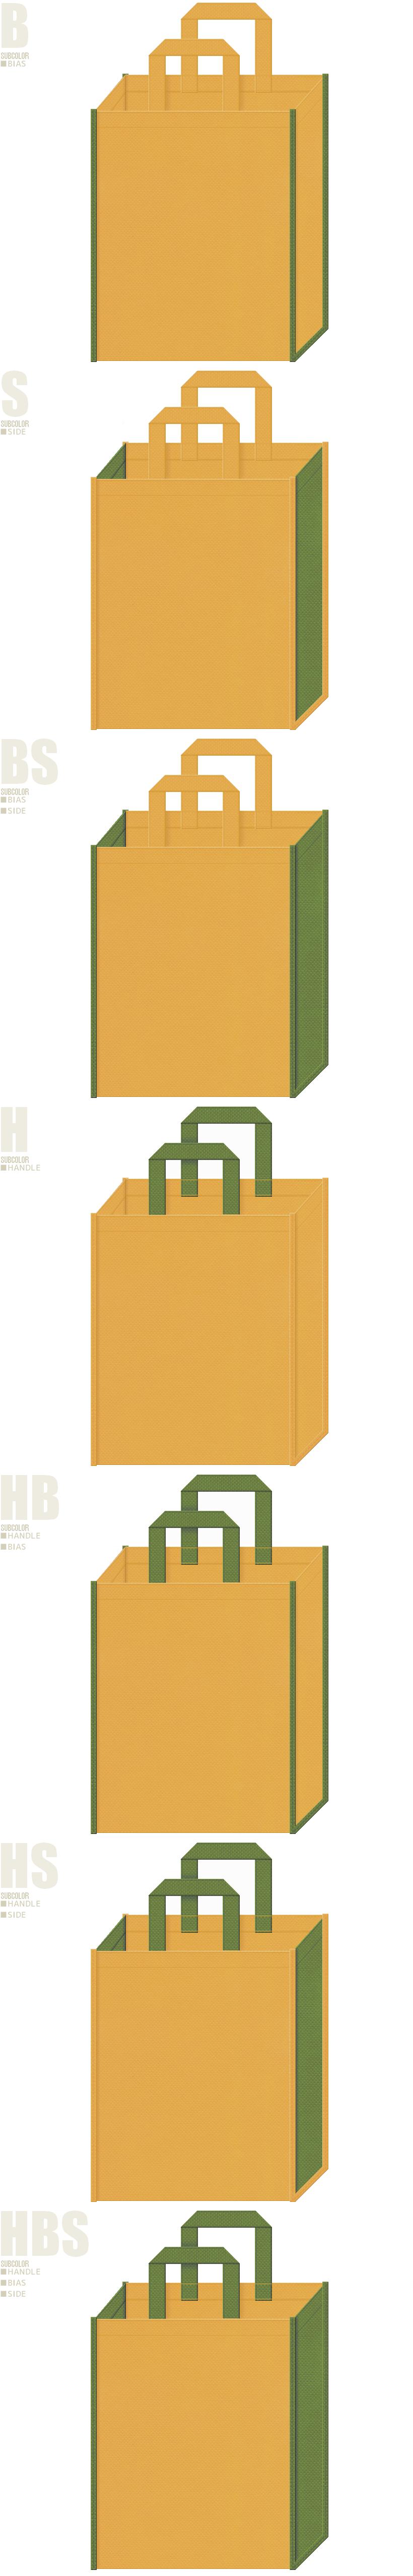 安土桃山時代・江戸時代・屏風・襖絵・樽・桶・和風催事・老舗・和菓子・民芸品のショッピングバッグにお奨めの不織布バッグデザイン:黄土色と草色の配色7パターン